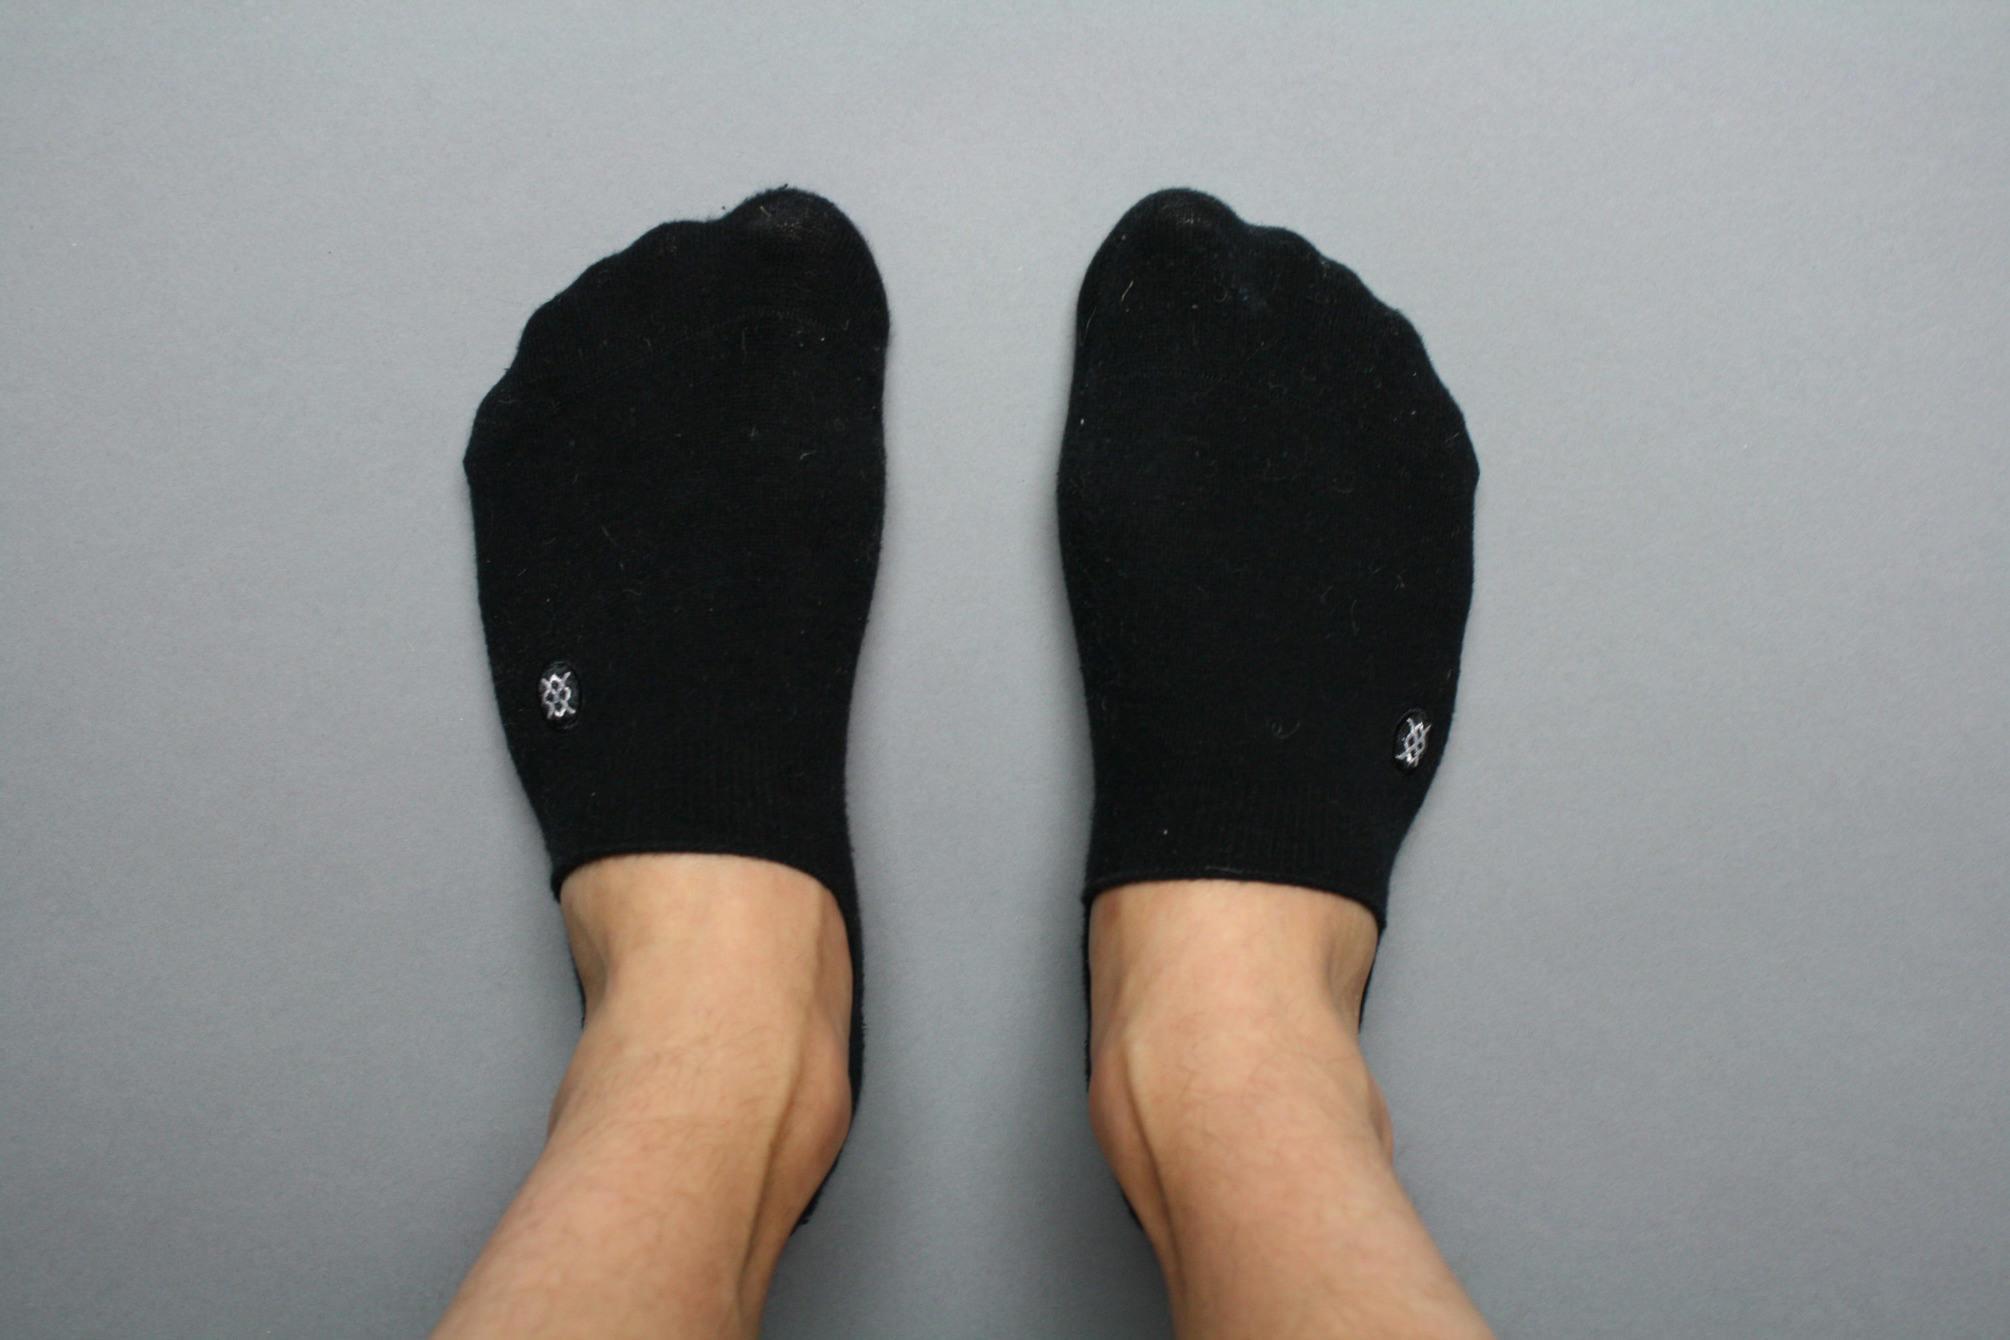 Top 13 Best No Show Socks for Men (2020